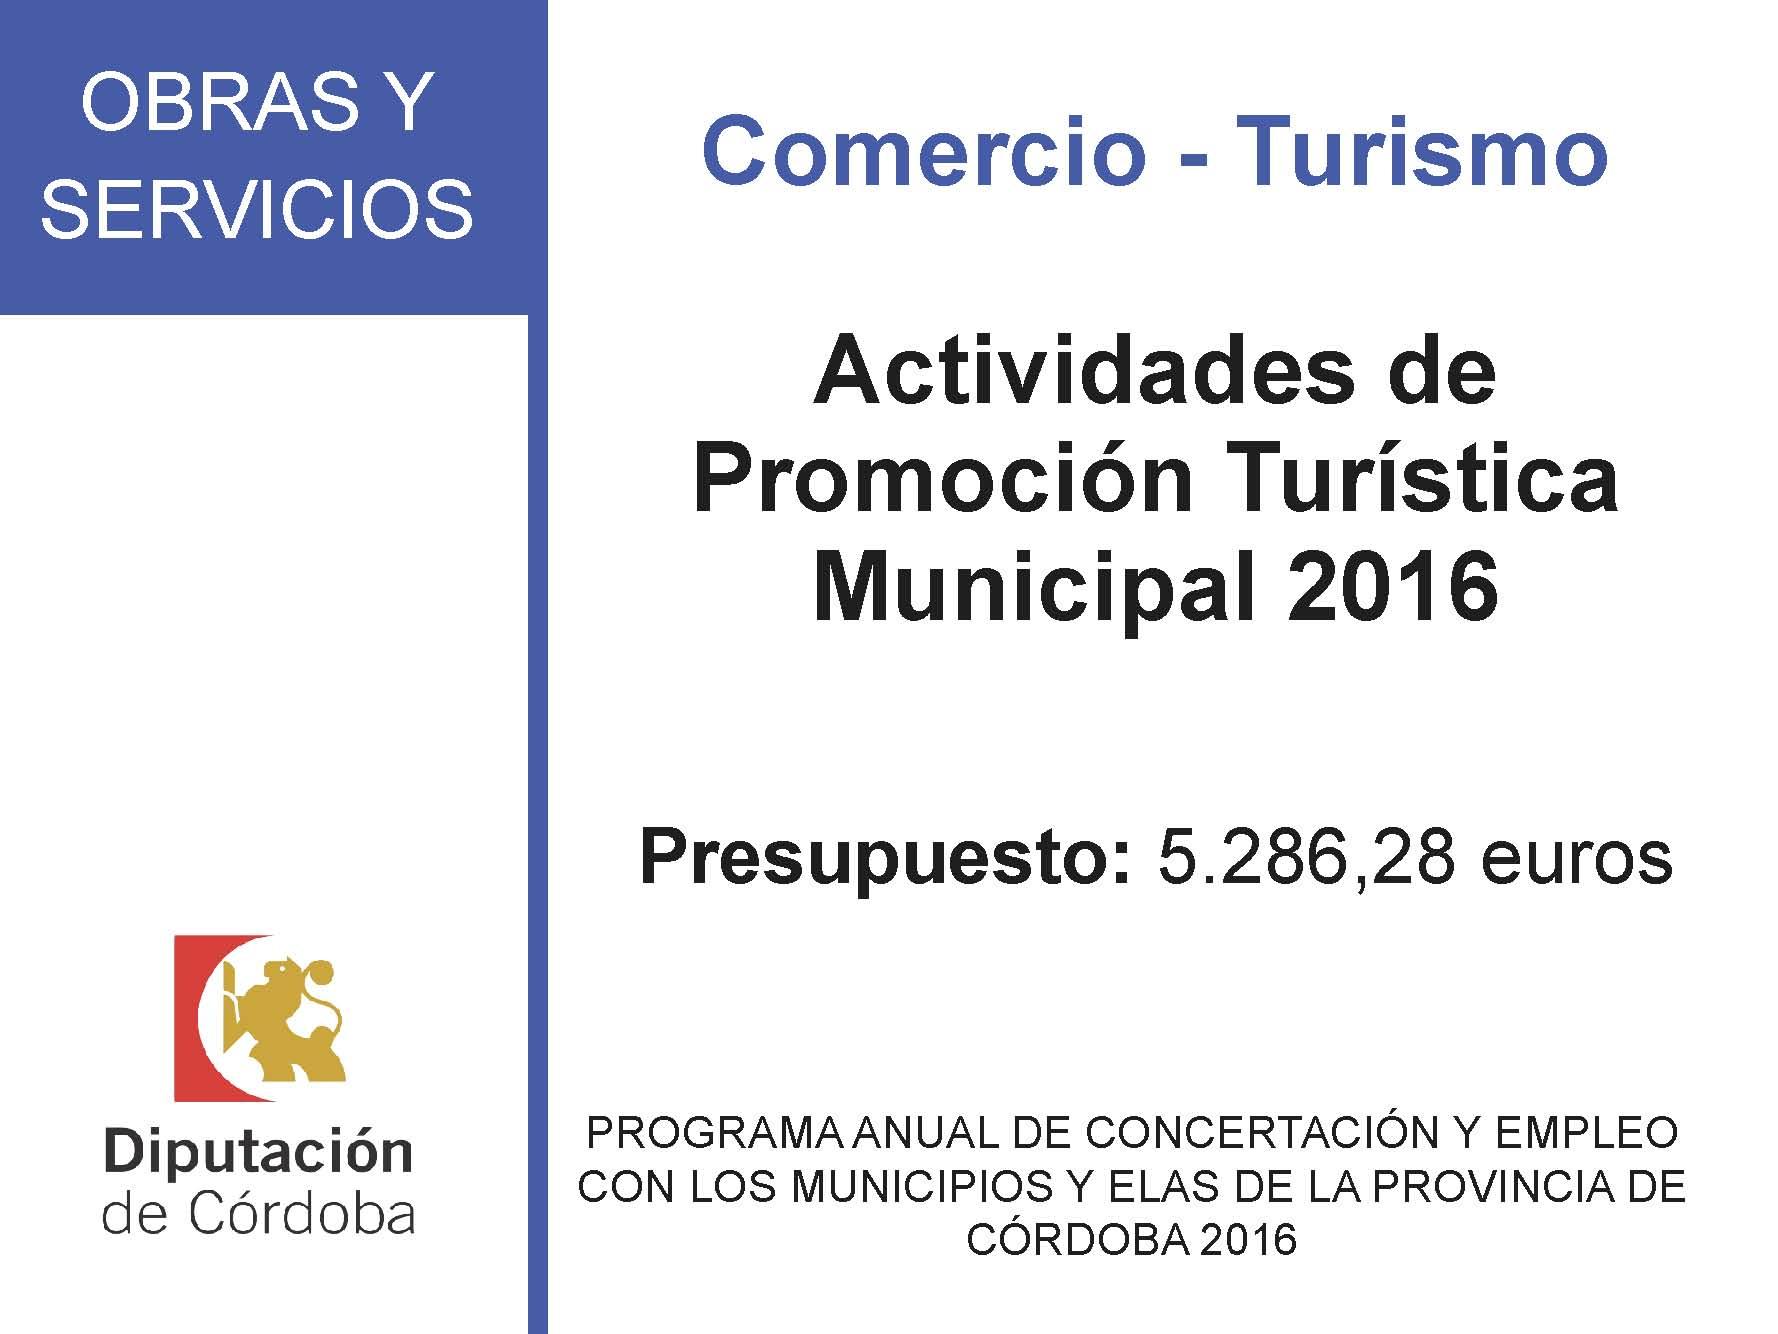 SUBVENCIONES RECIBIDAS. 2016 28